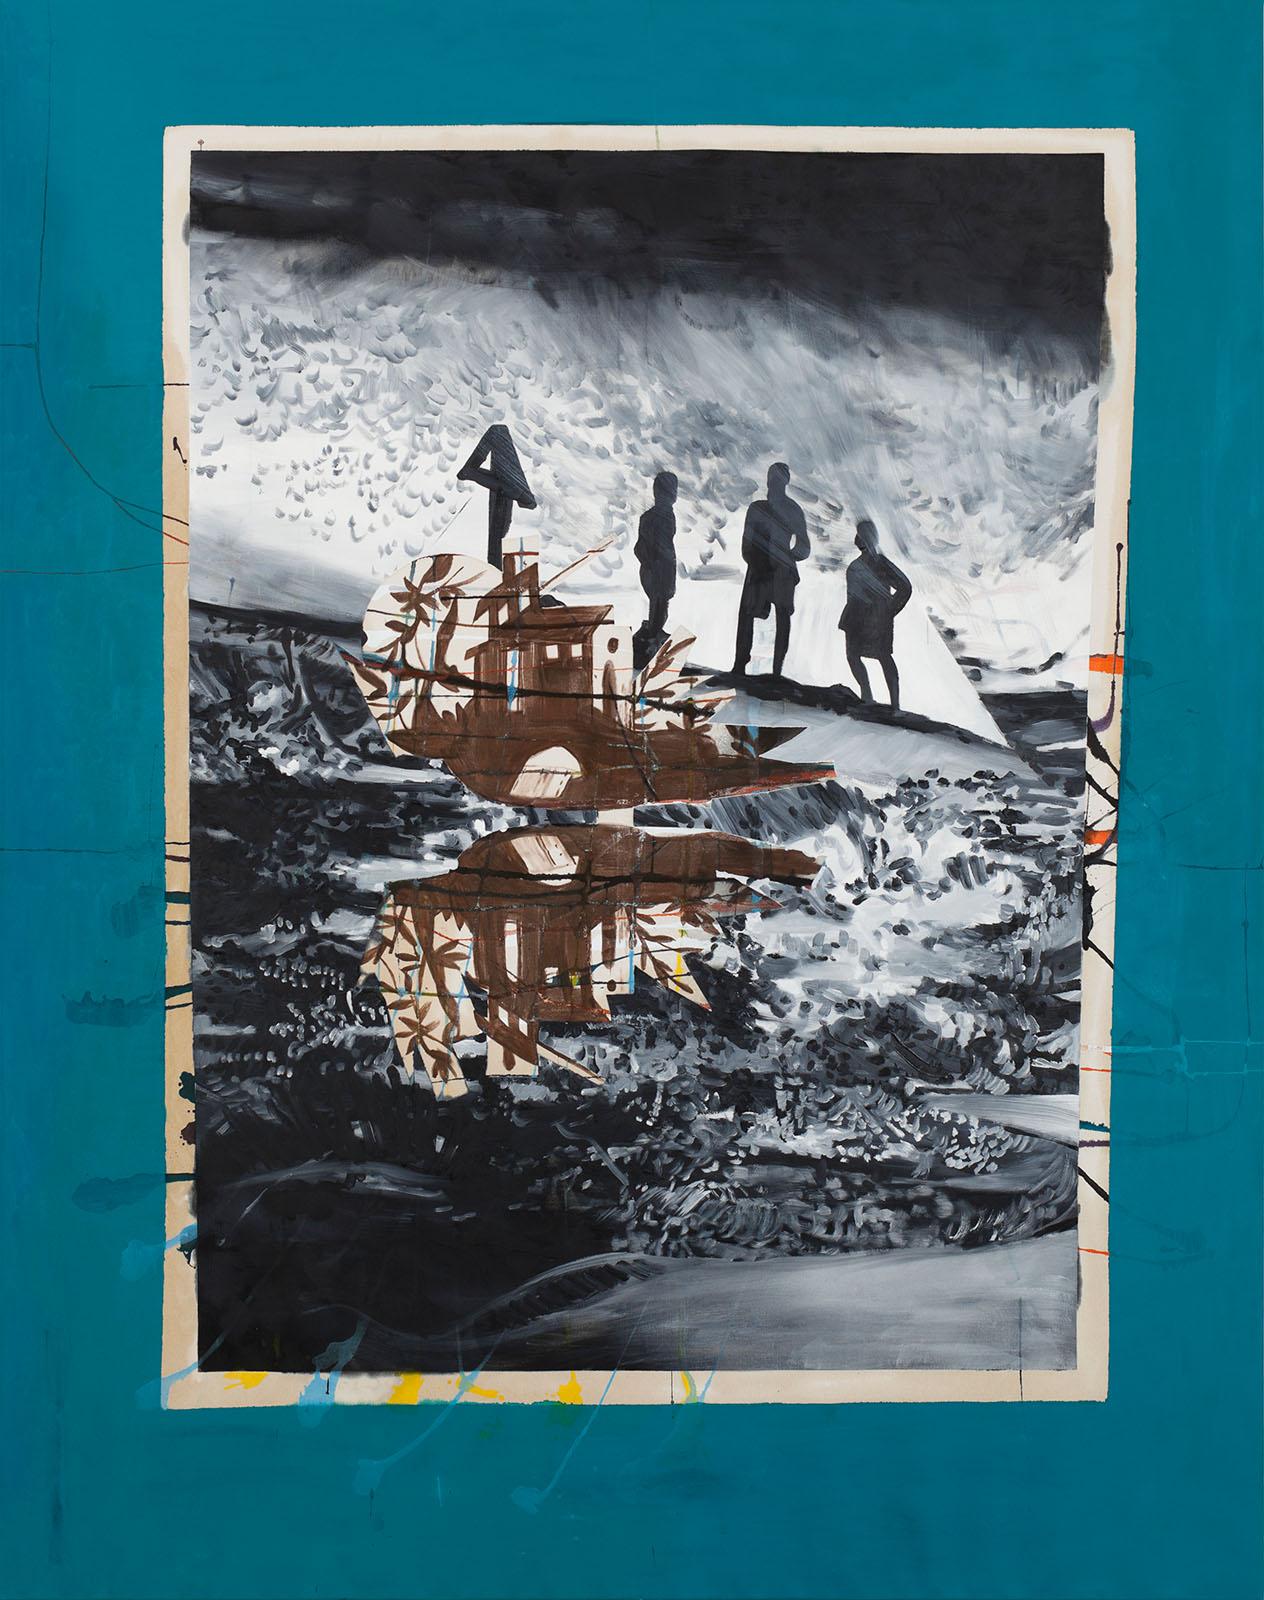 """o.T. aus """"Wenig Zeit zwischen zwei Fingern"""", 2013, 240 x 190 cm, Mischtechnik auf Leinwand"""